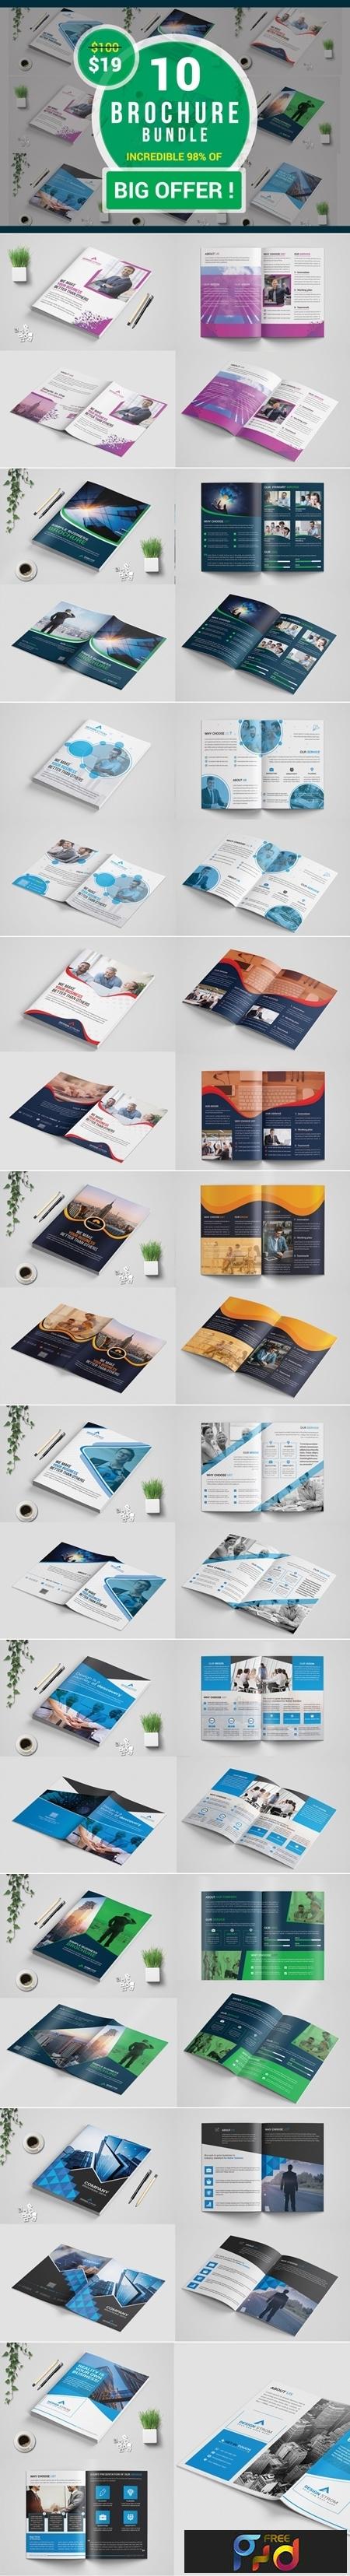 Bi-Fold Business Brochure Bundle template 3529658 1